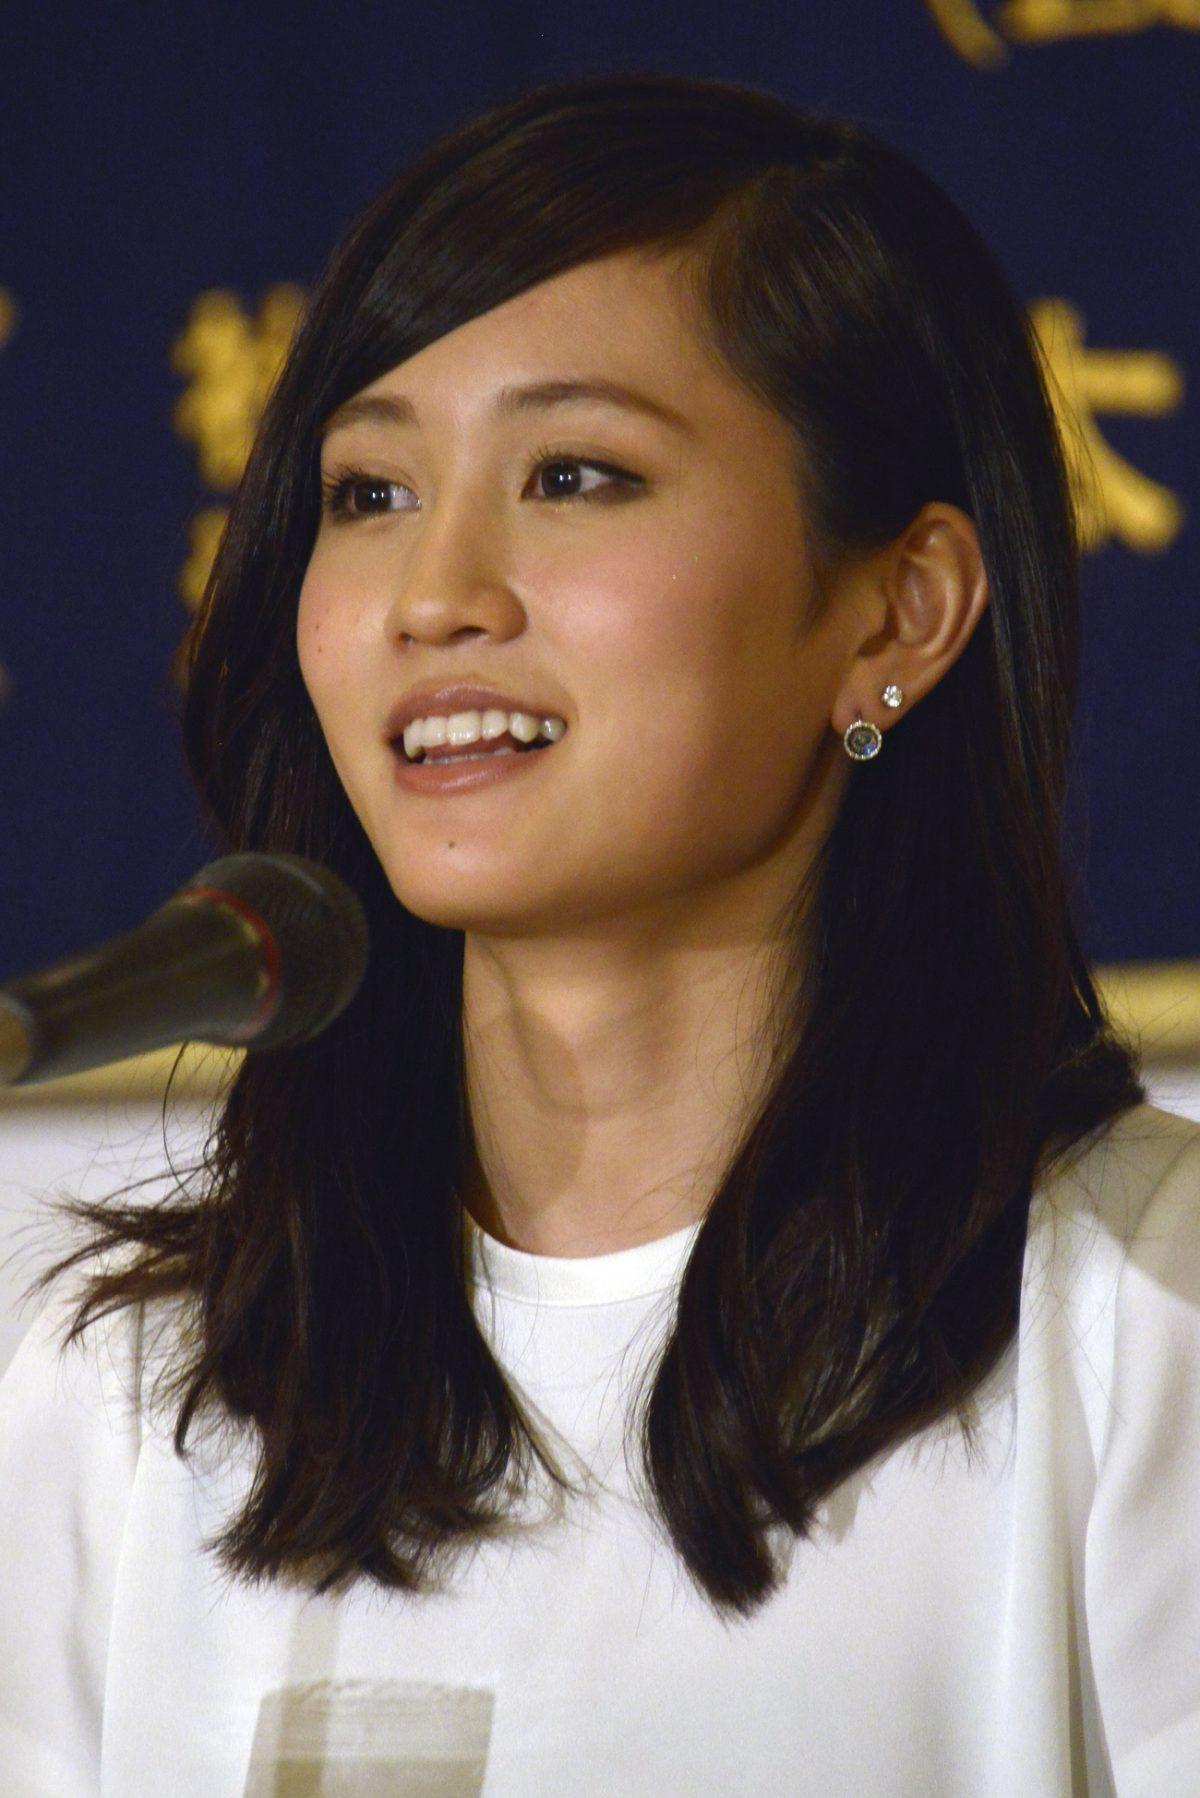 """前田敦子と""""前髪クネ男""""の恋のキューピットは個性派俳優…いったい誰?"""